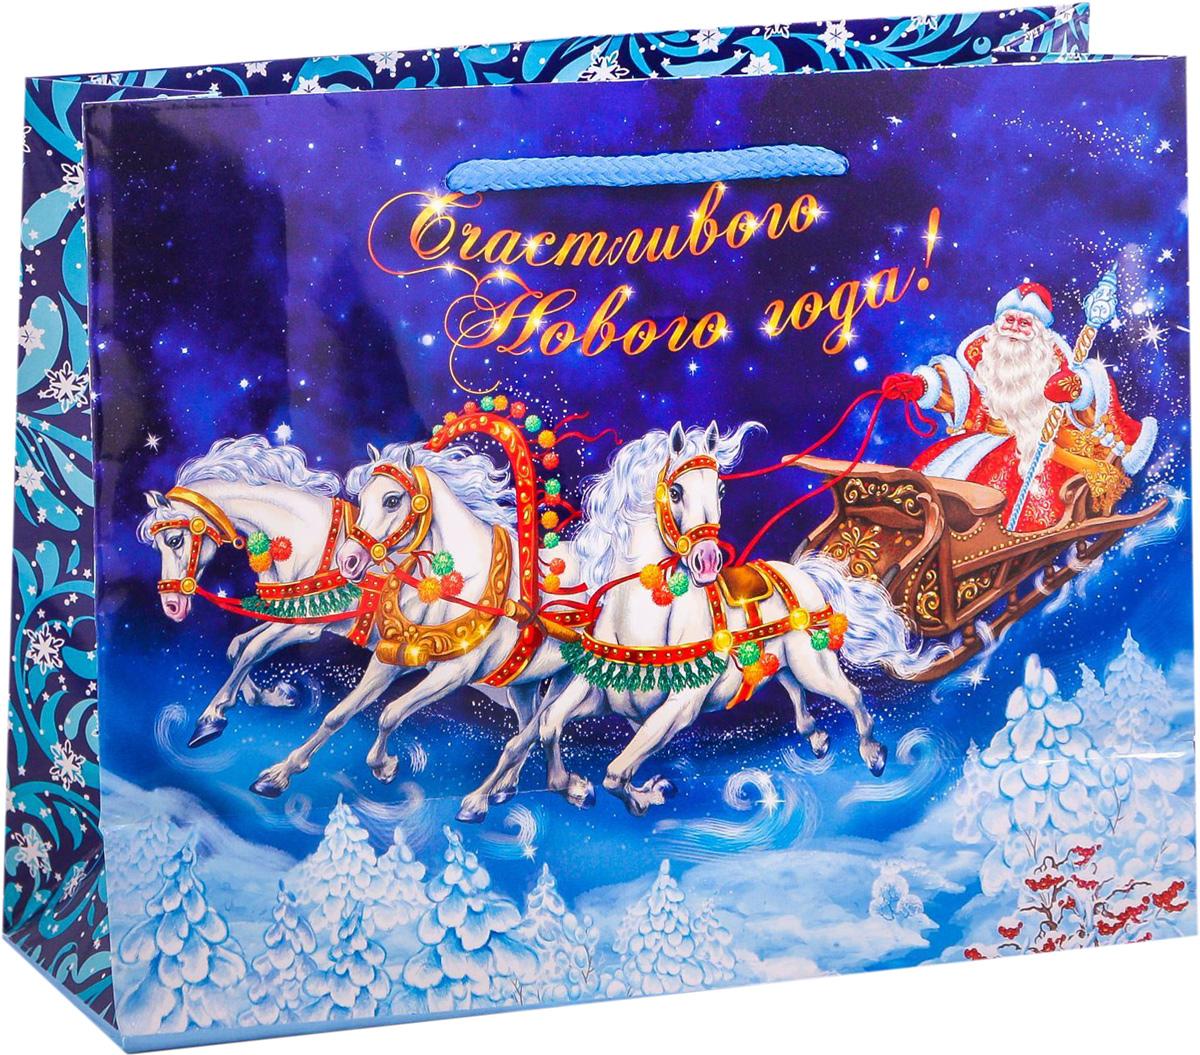 Пакет подарочный Дарите Счастье Волшебство, горизонтальный, 23 х 18 х 8 см2113808Привлекательная упаковка послужит достойным украшением любого, даже самого скромного подарка. Она поможет создать интригу и продлить время предвкушения чуда - момента, когда презент окажется в руках адресата. Подарочный пакет Дарите Счастье Волшебство имеет яркий, оригинальный дизайн, который обязательно понравится получателю! Изделие выполнено из плотной бумаги, благодаря чему обеспечит надёжную защиту содержимого.Размер: 23 х 18 х 8 см.